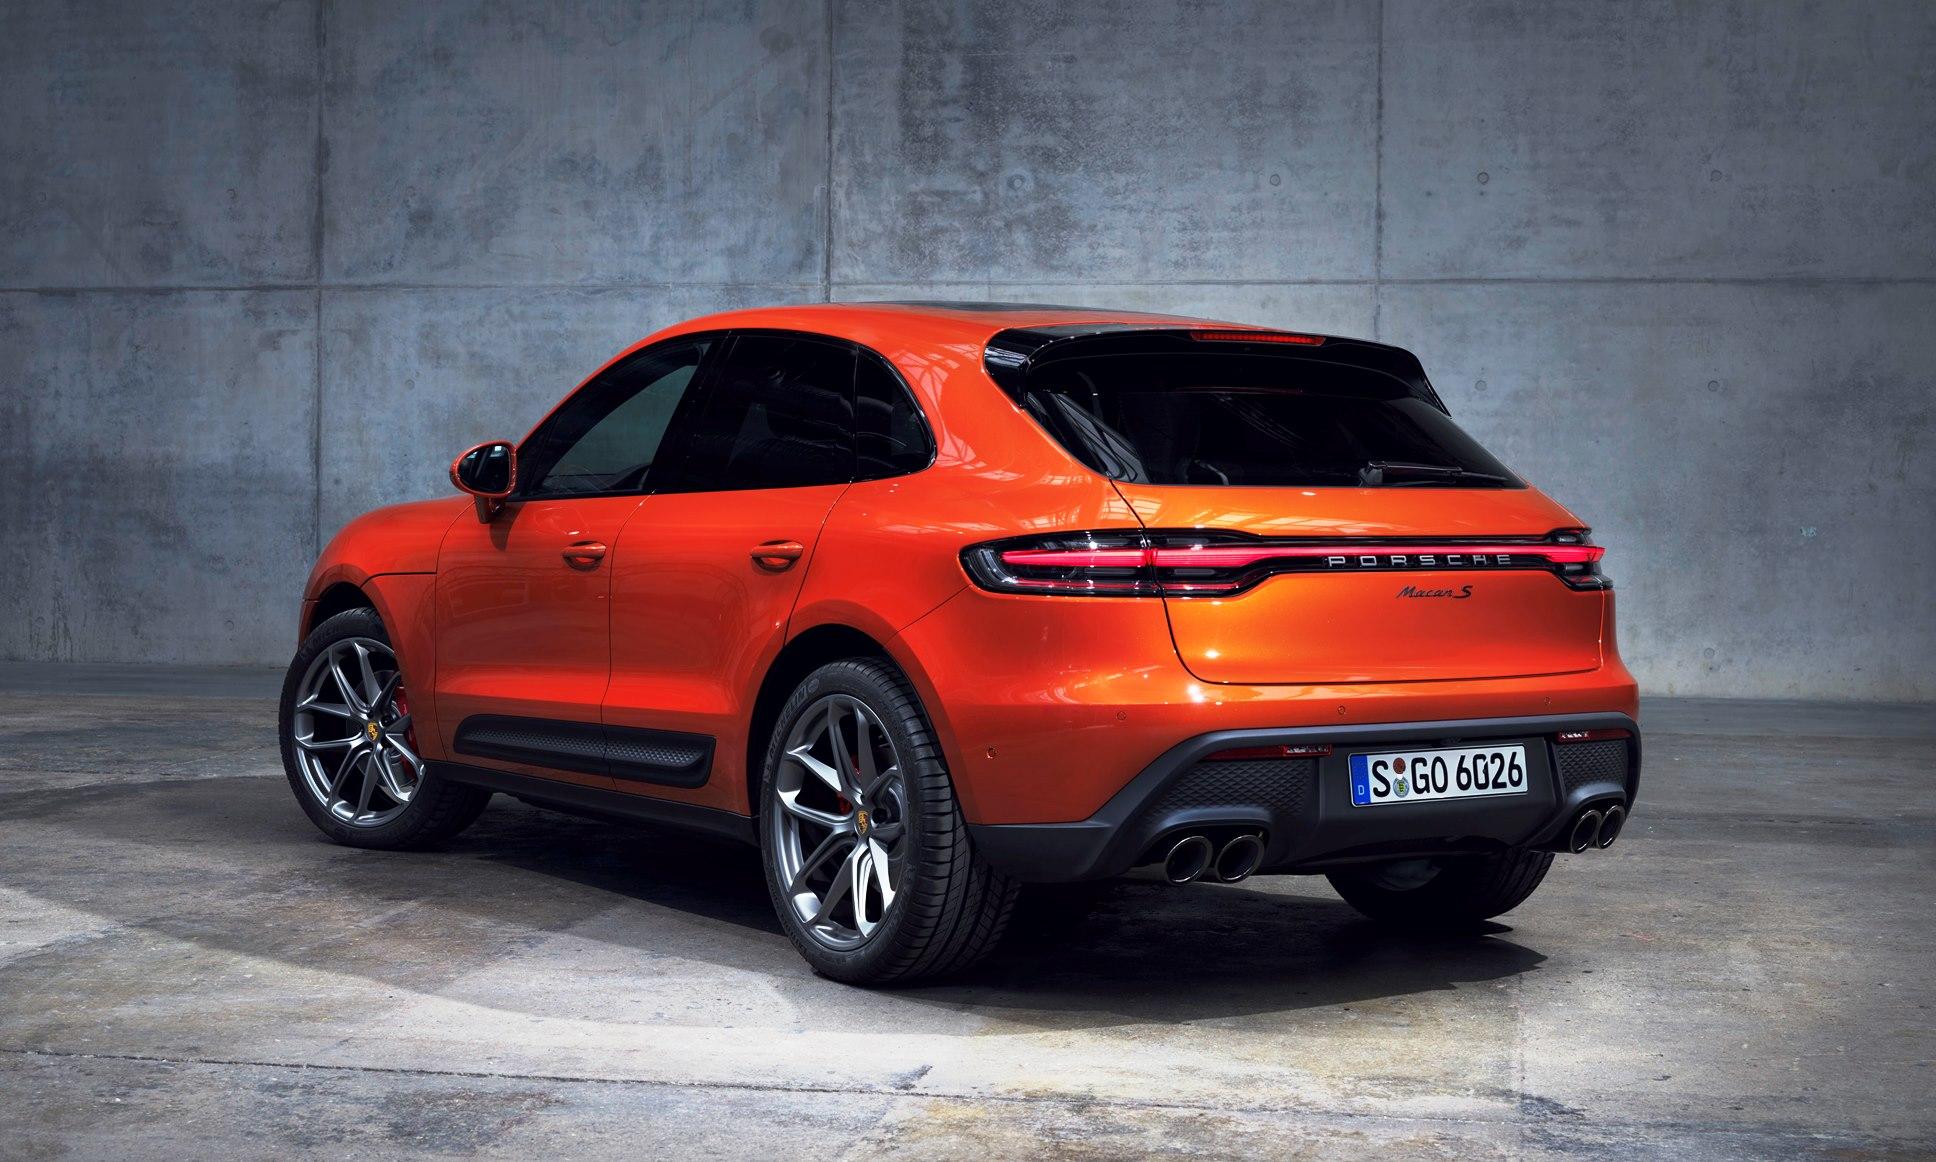 Updated Porsche Macan rear